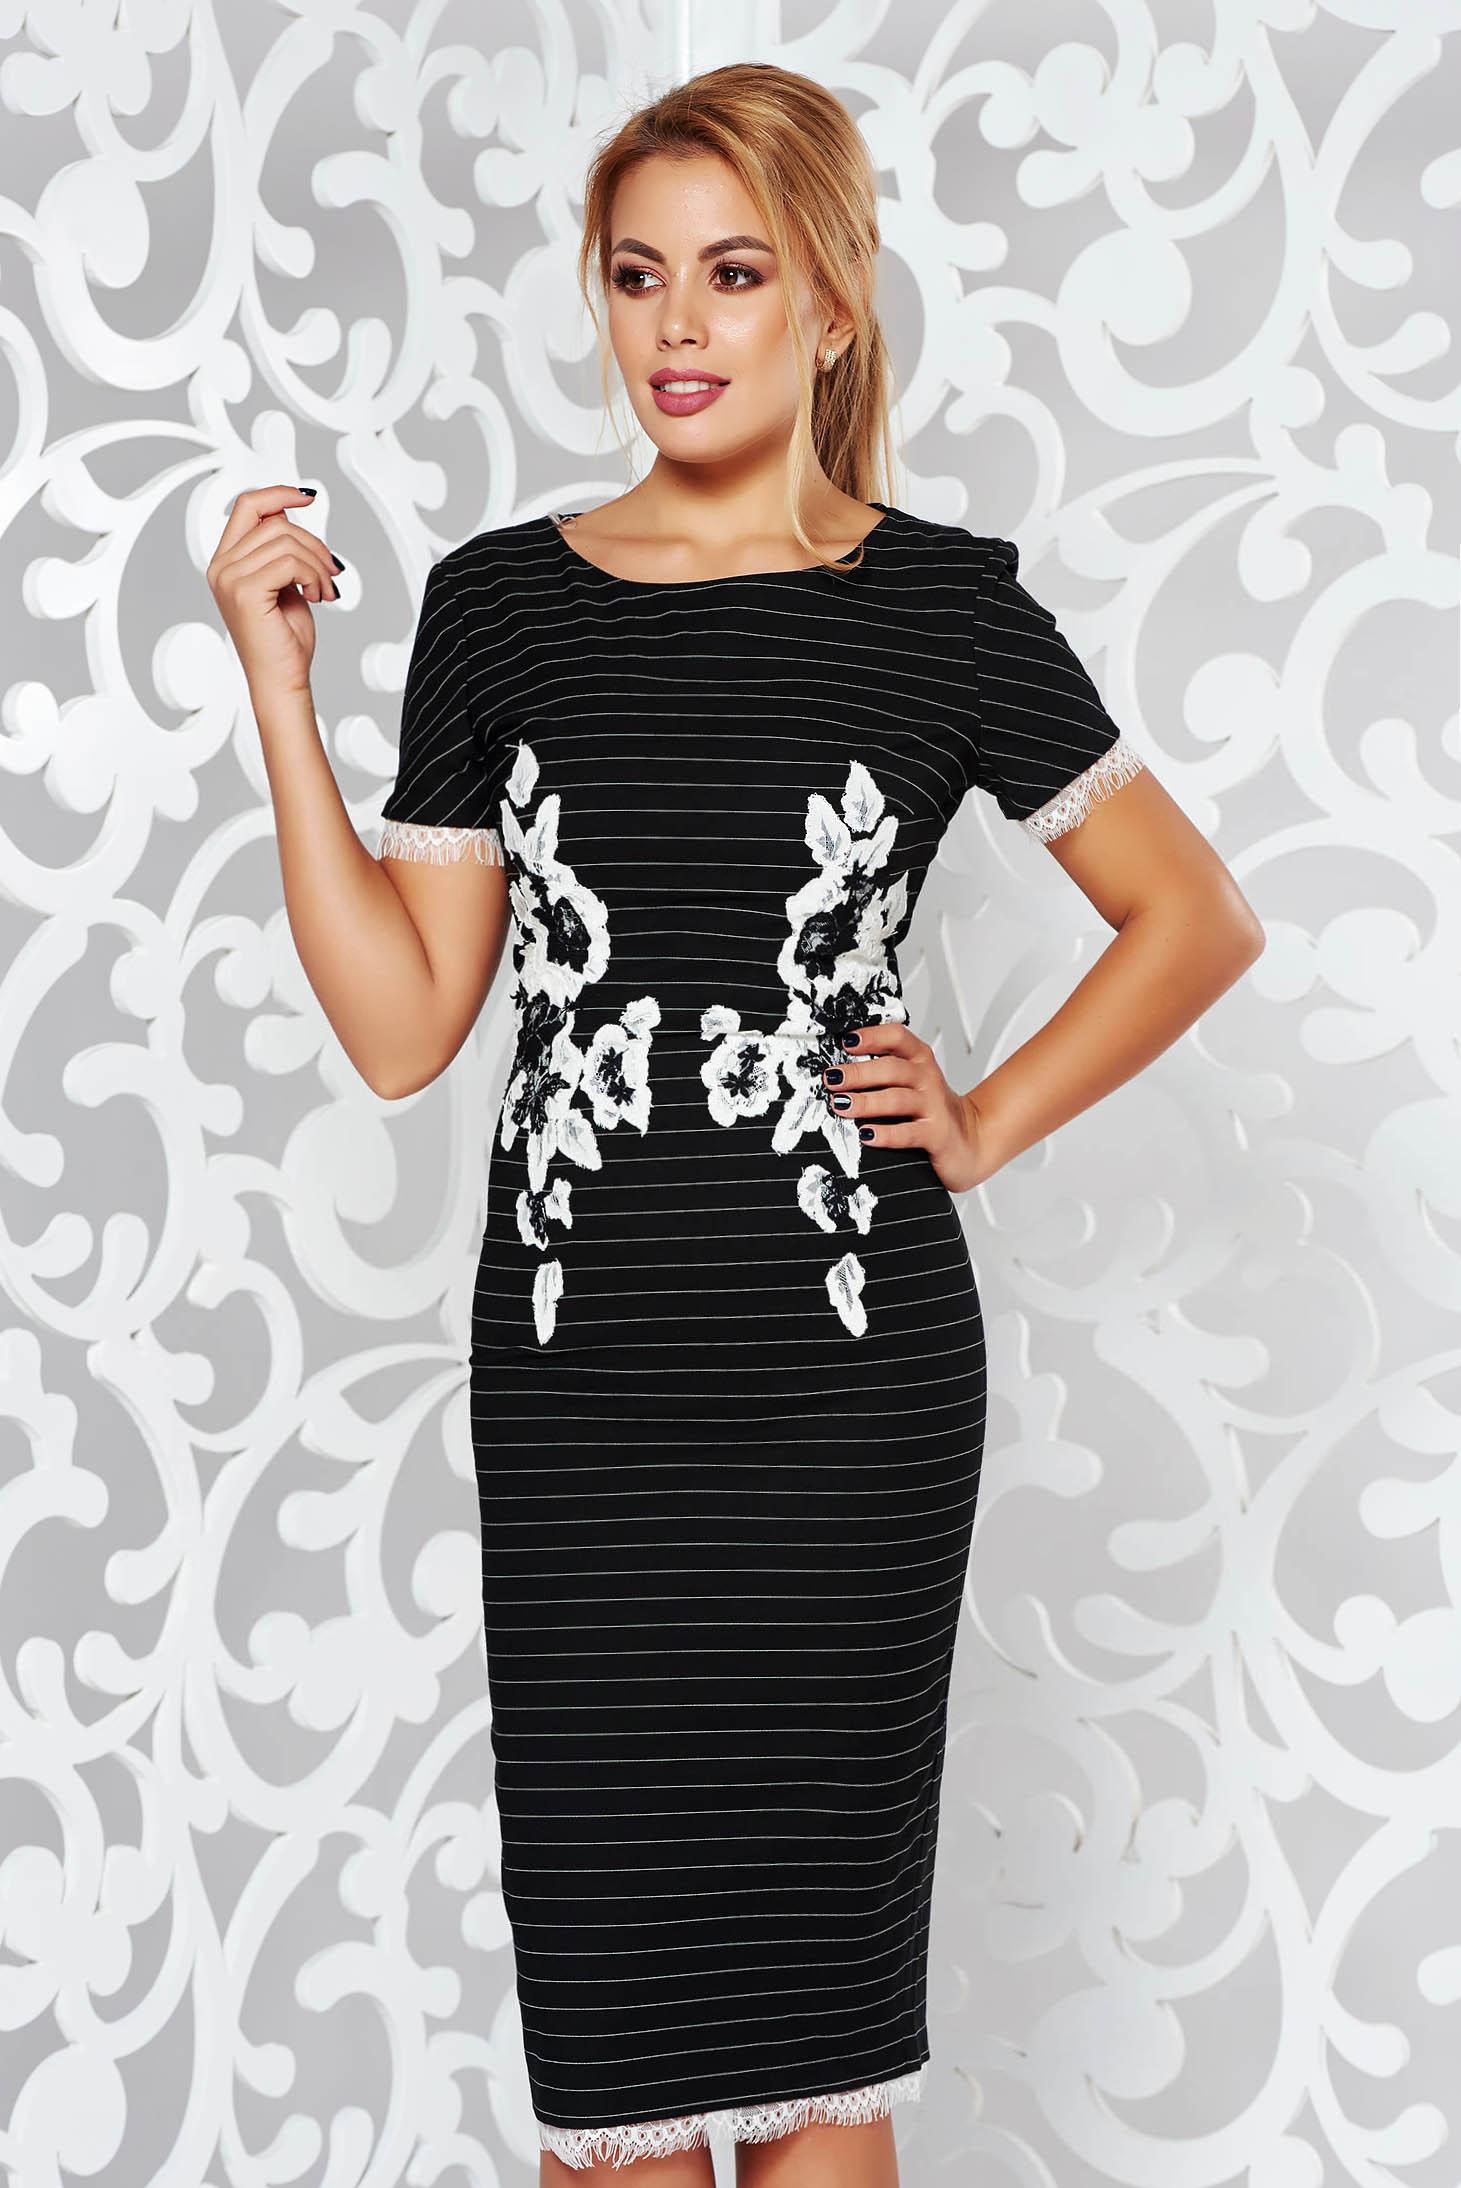 Fekete LaDonna midi ceruza ruha szűk szabás enyhén rugalmas anyag hímzett betétekkel